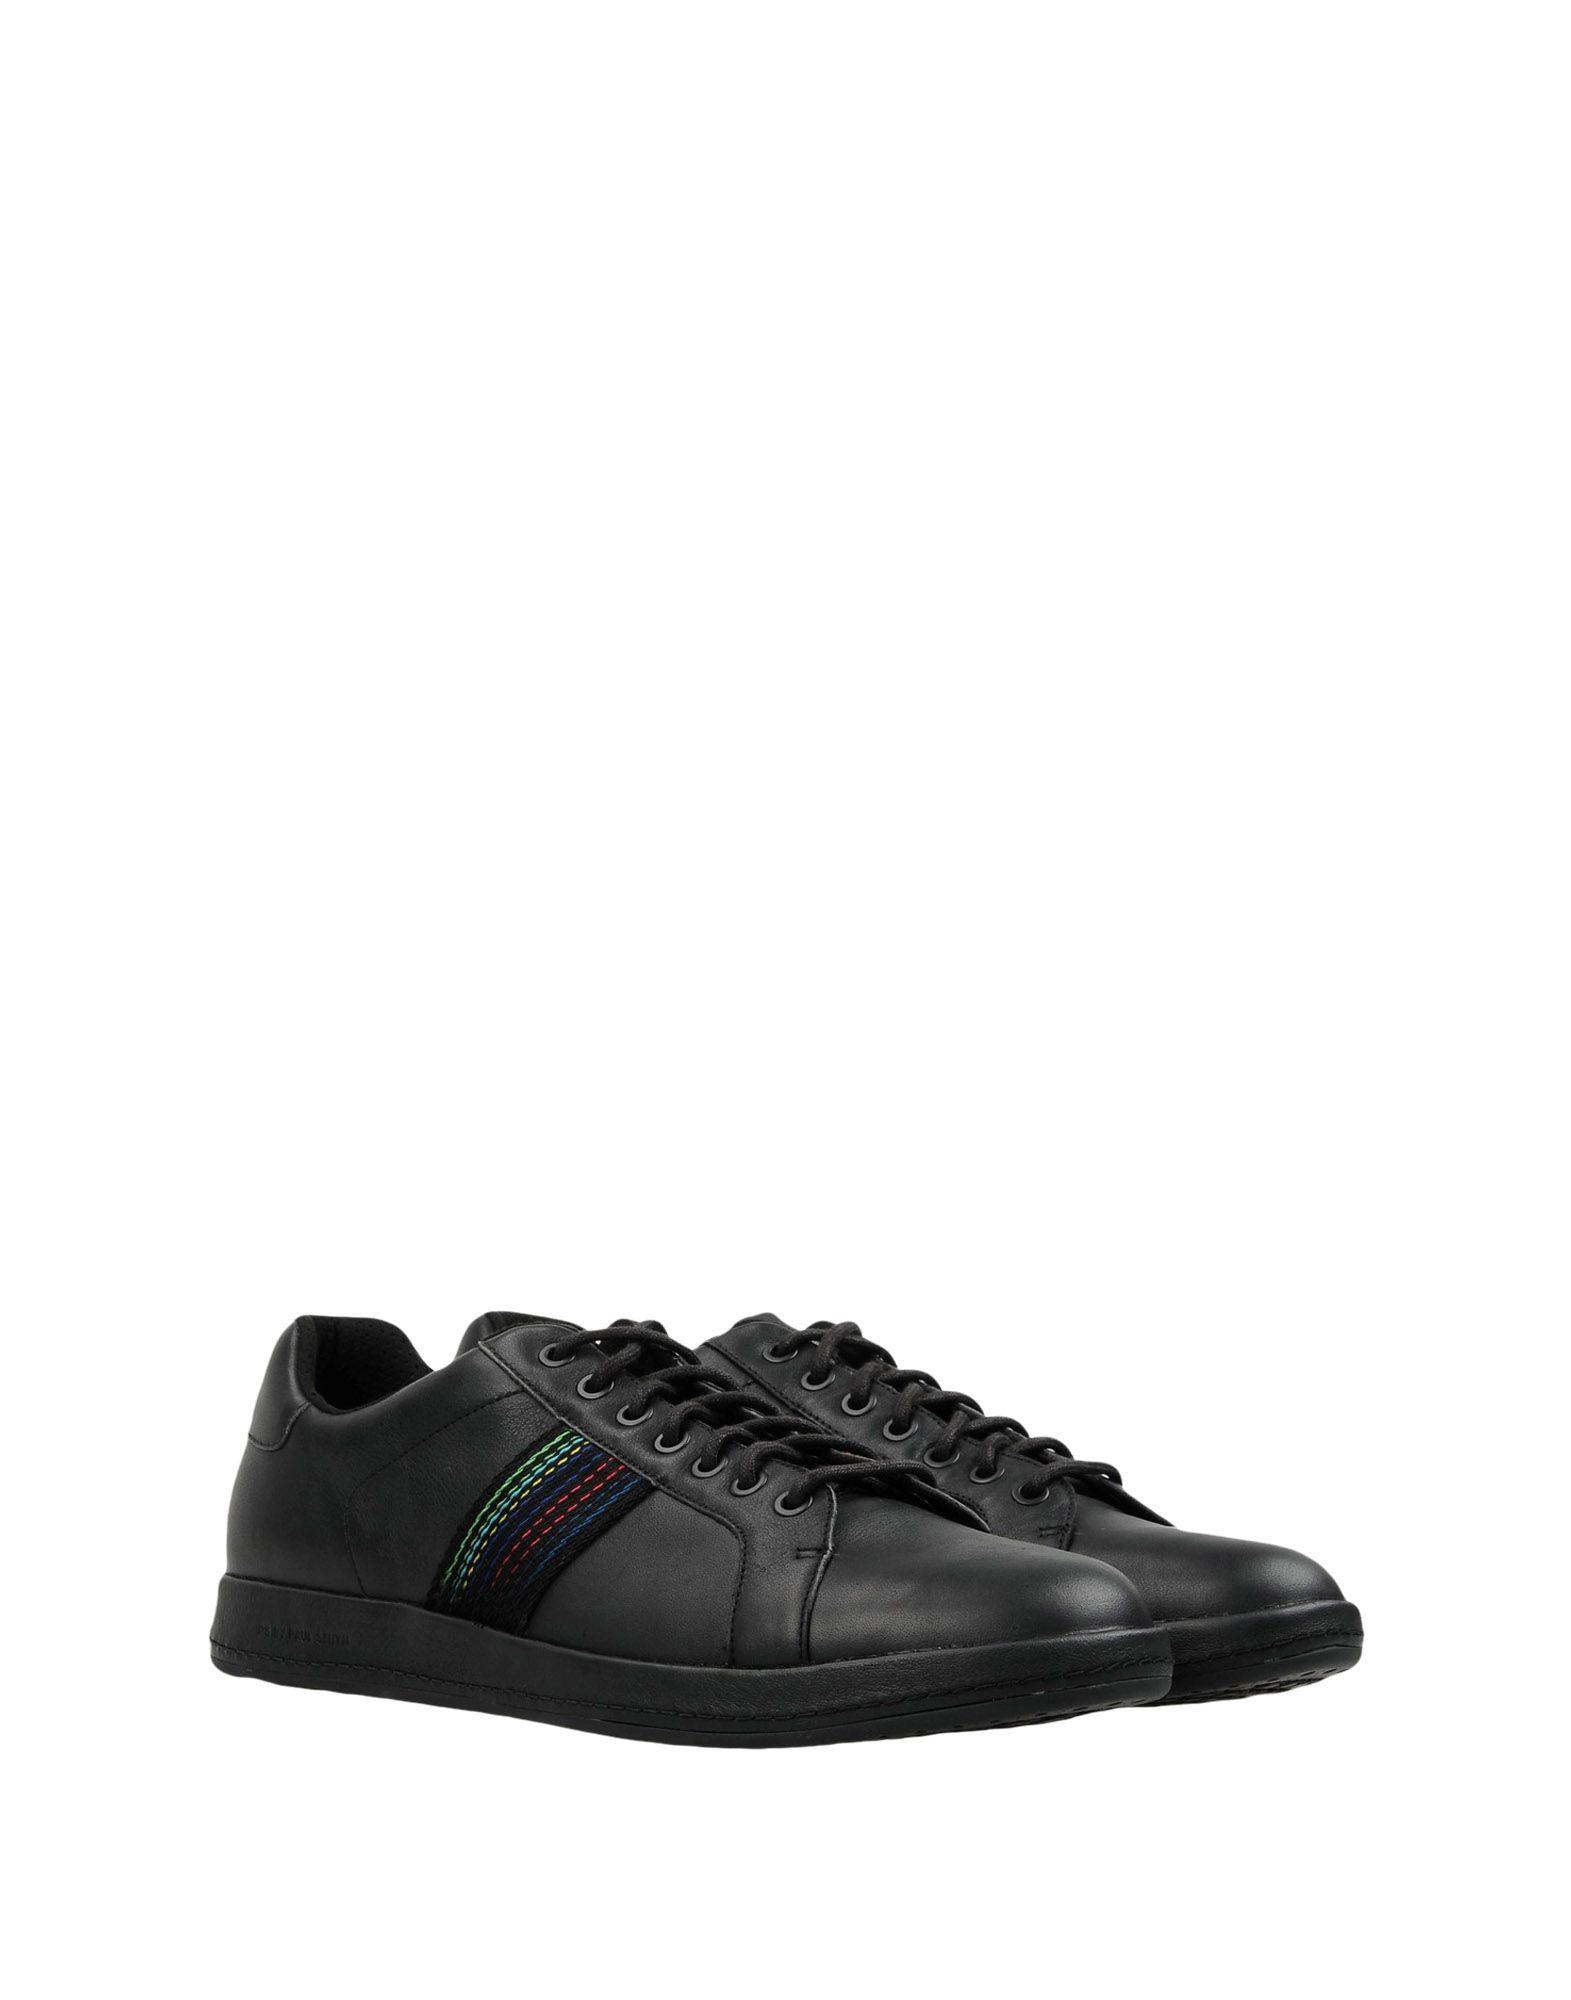 Ps Ps Ps By Paul Smith   Herren Schuhe Lapin schwarz Gutes Preis-Leistungs-Verhältnis, es lohnt sich ae791b